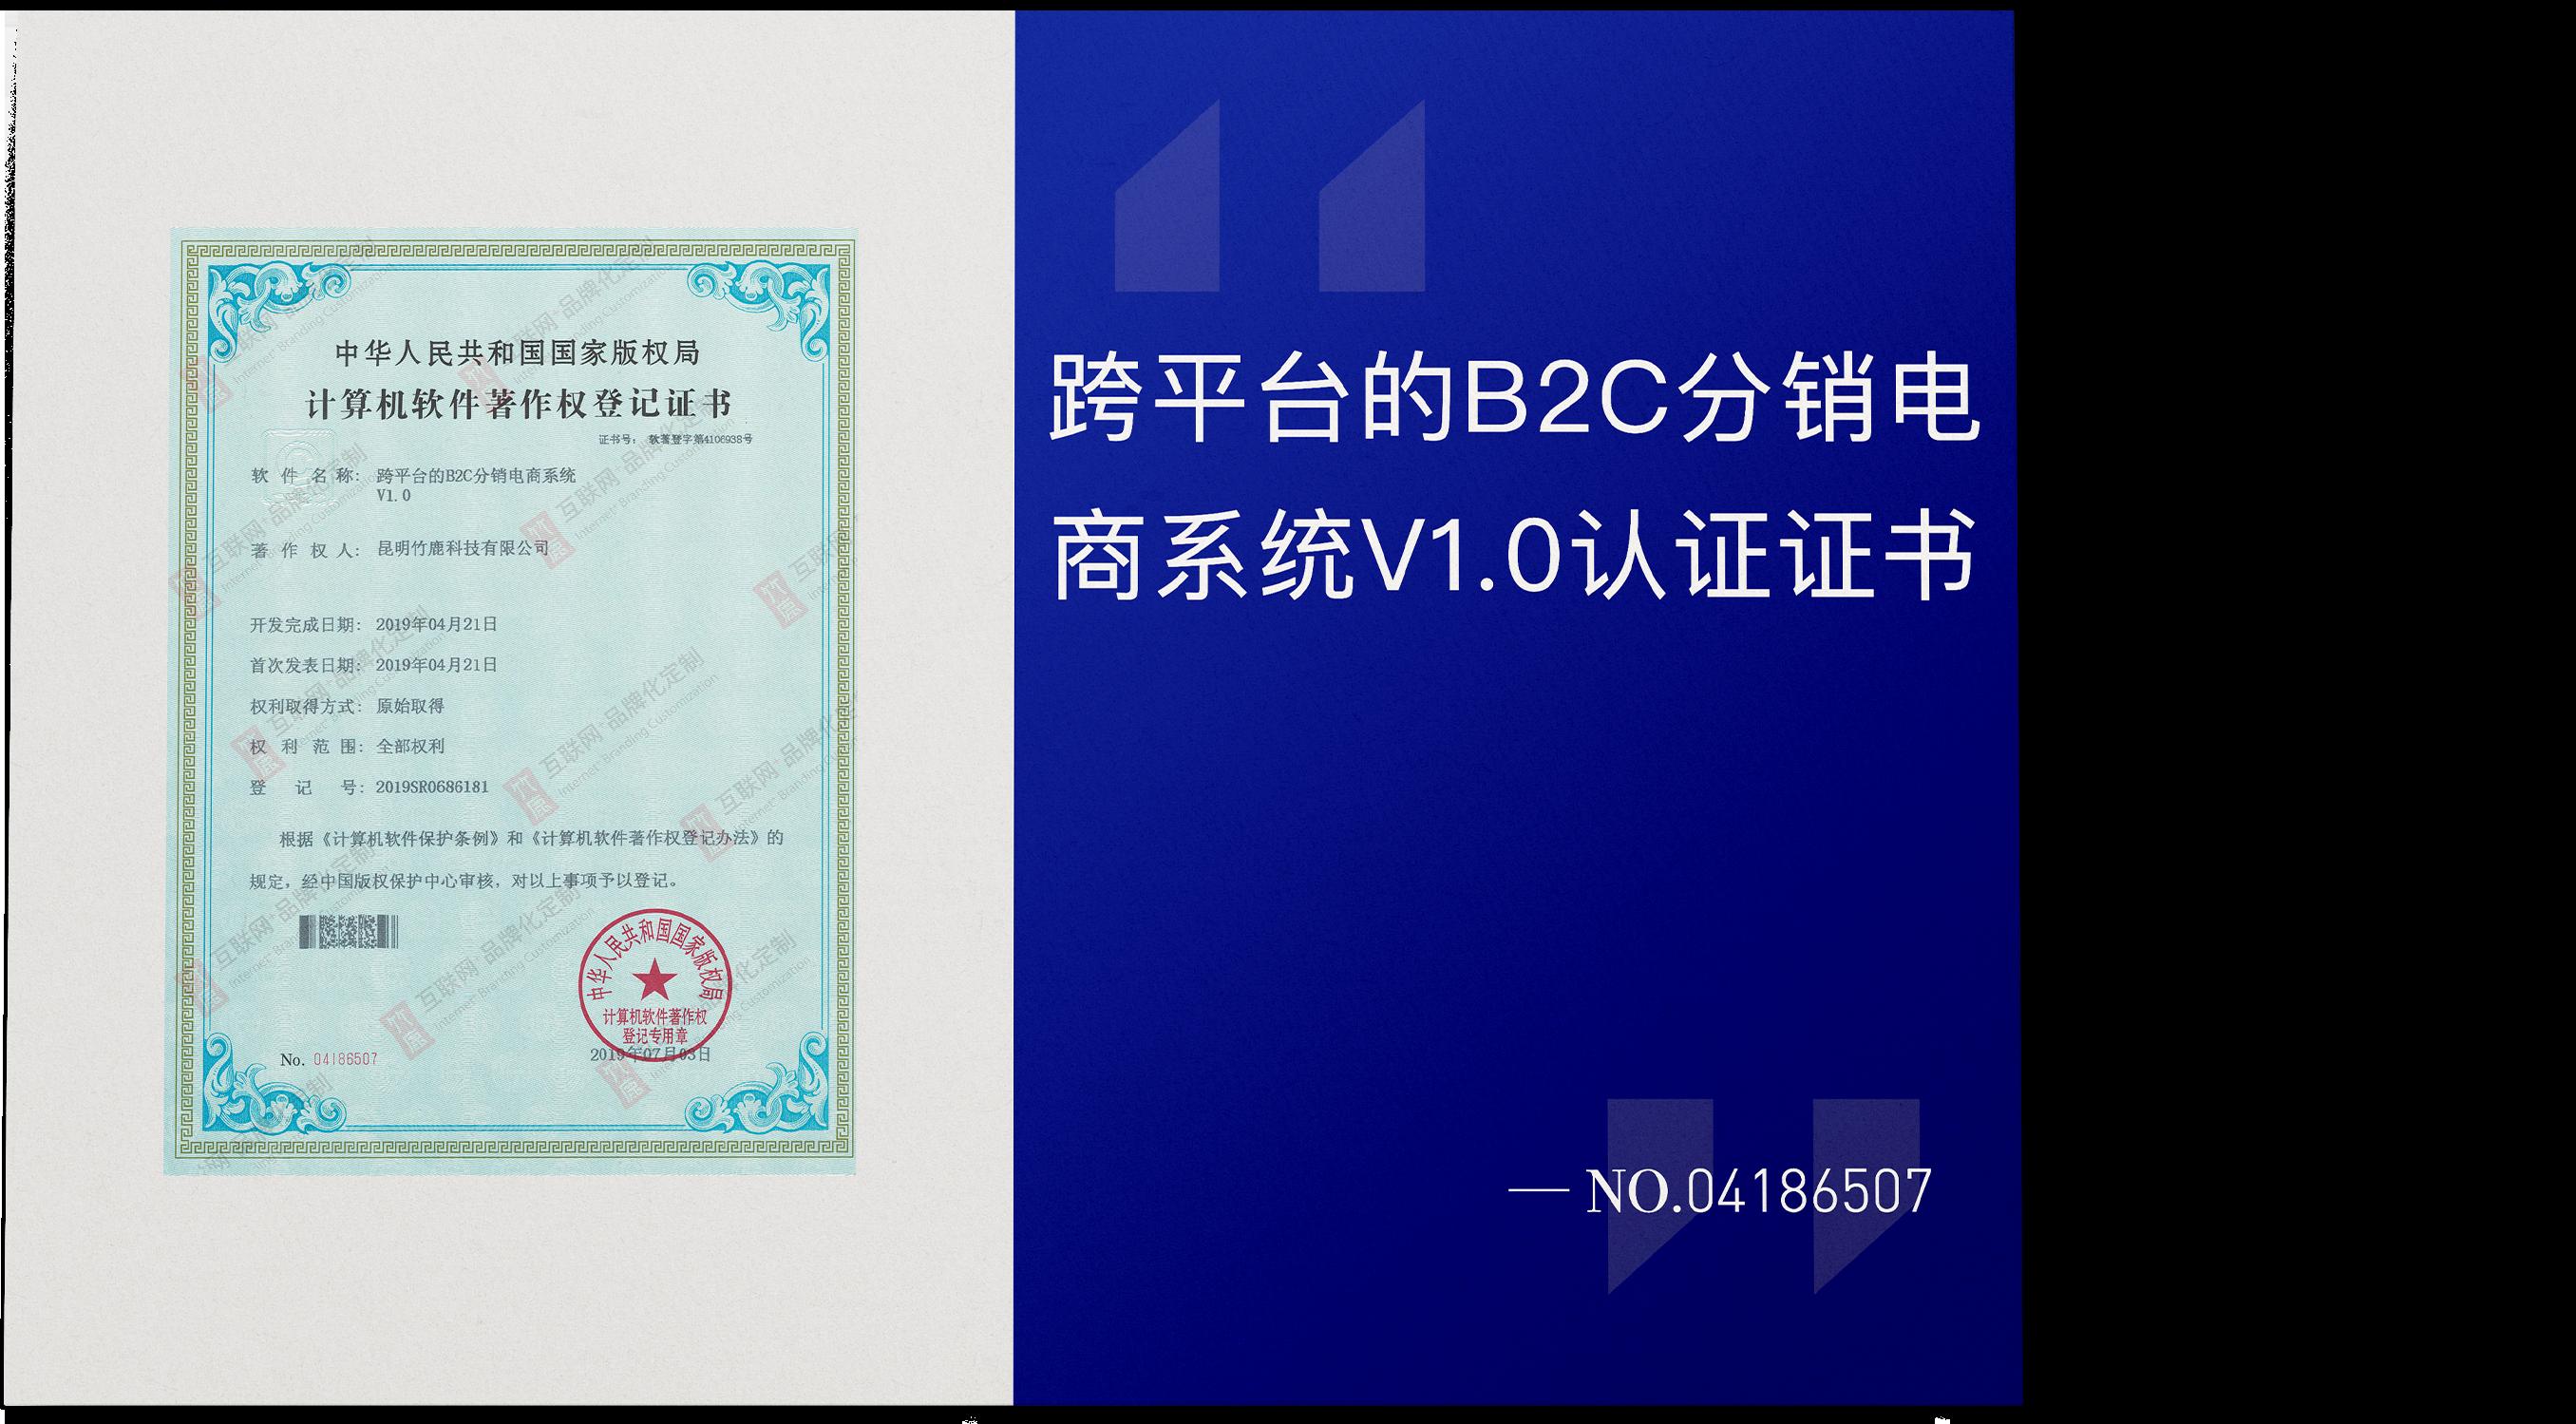 跨平台的B2C分销电商系统V1.0